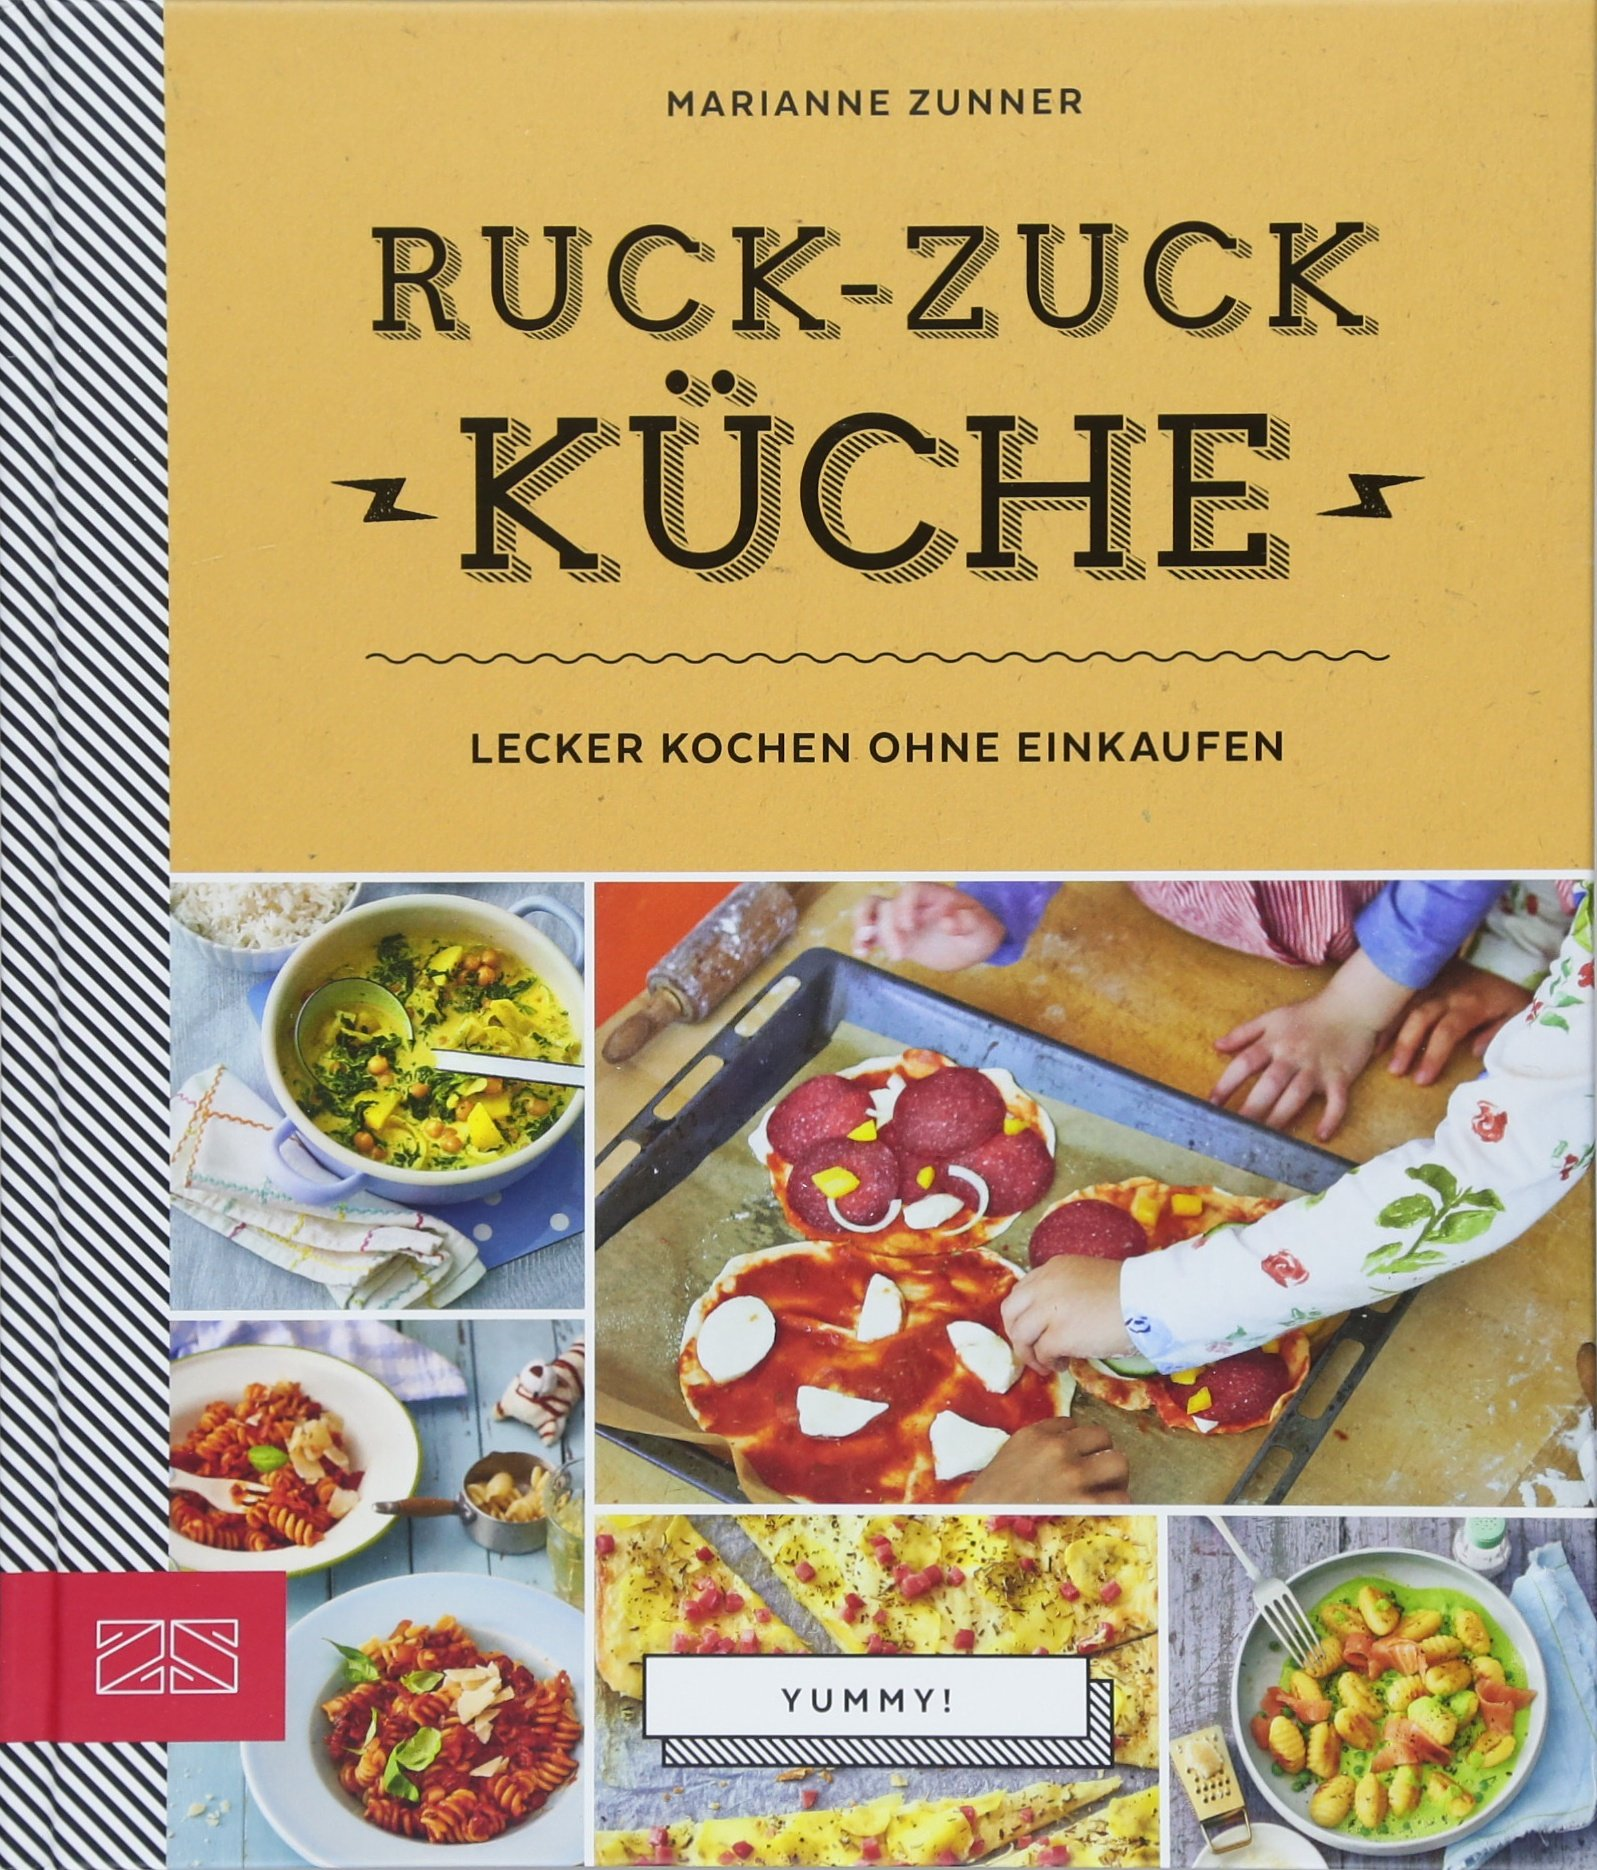 Ruck-zuck-Küche: Lecker kochen ohne Einkaufen (Yummy): Amazon.de